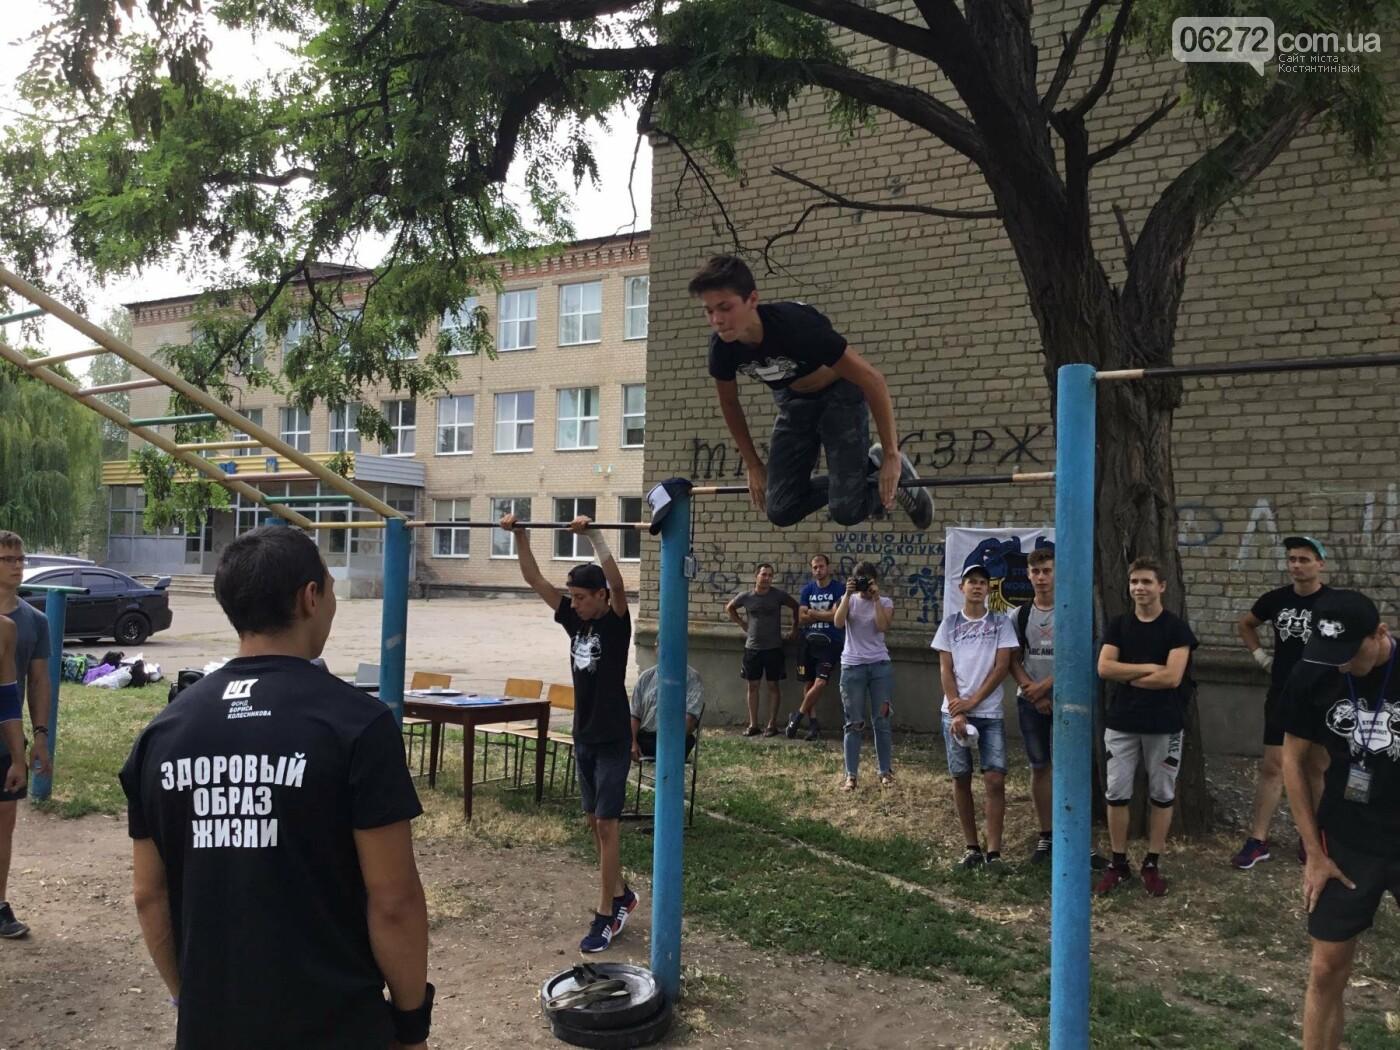 Фото с соревнований по Workout в Константиновке, фото-7